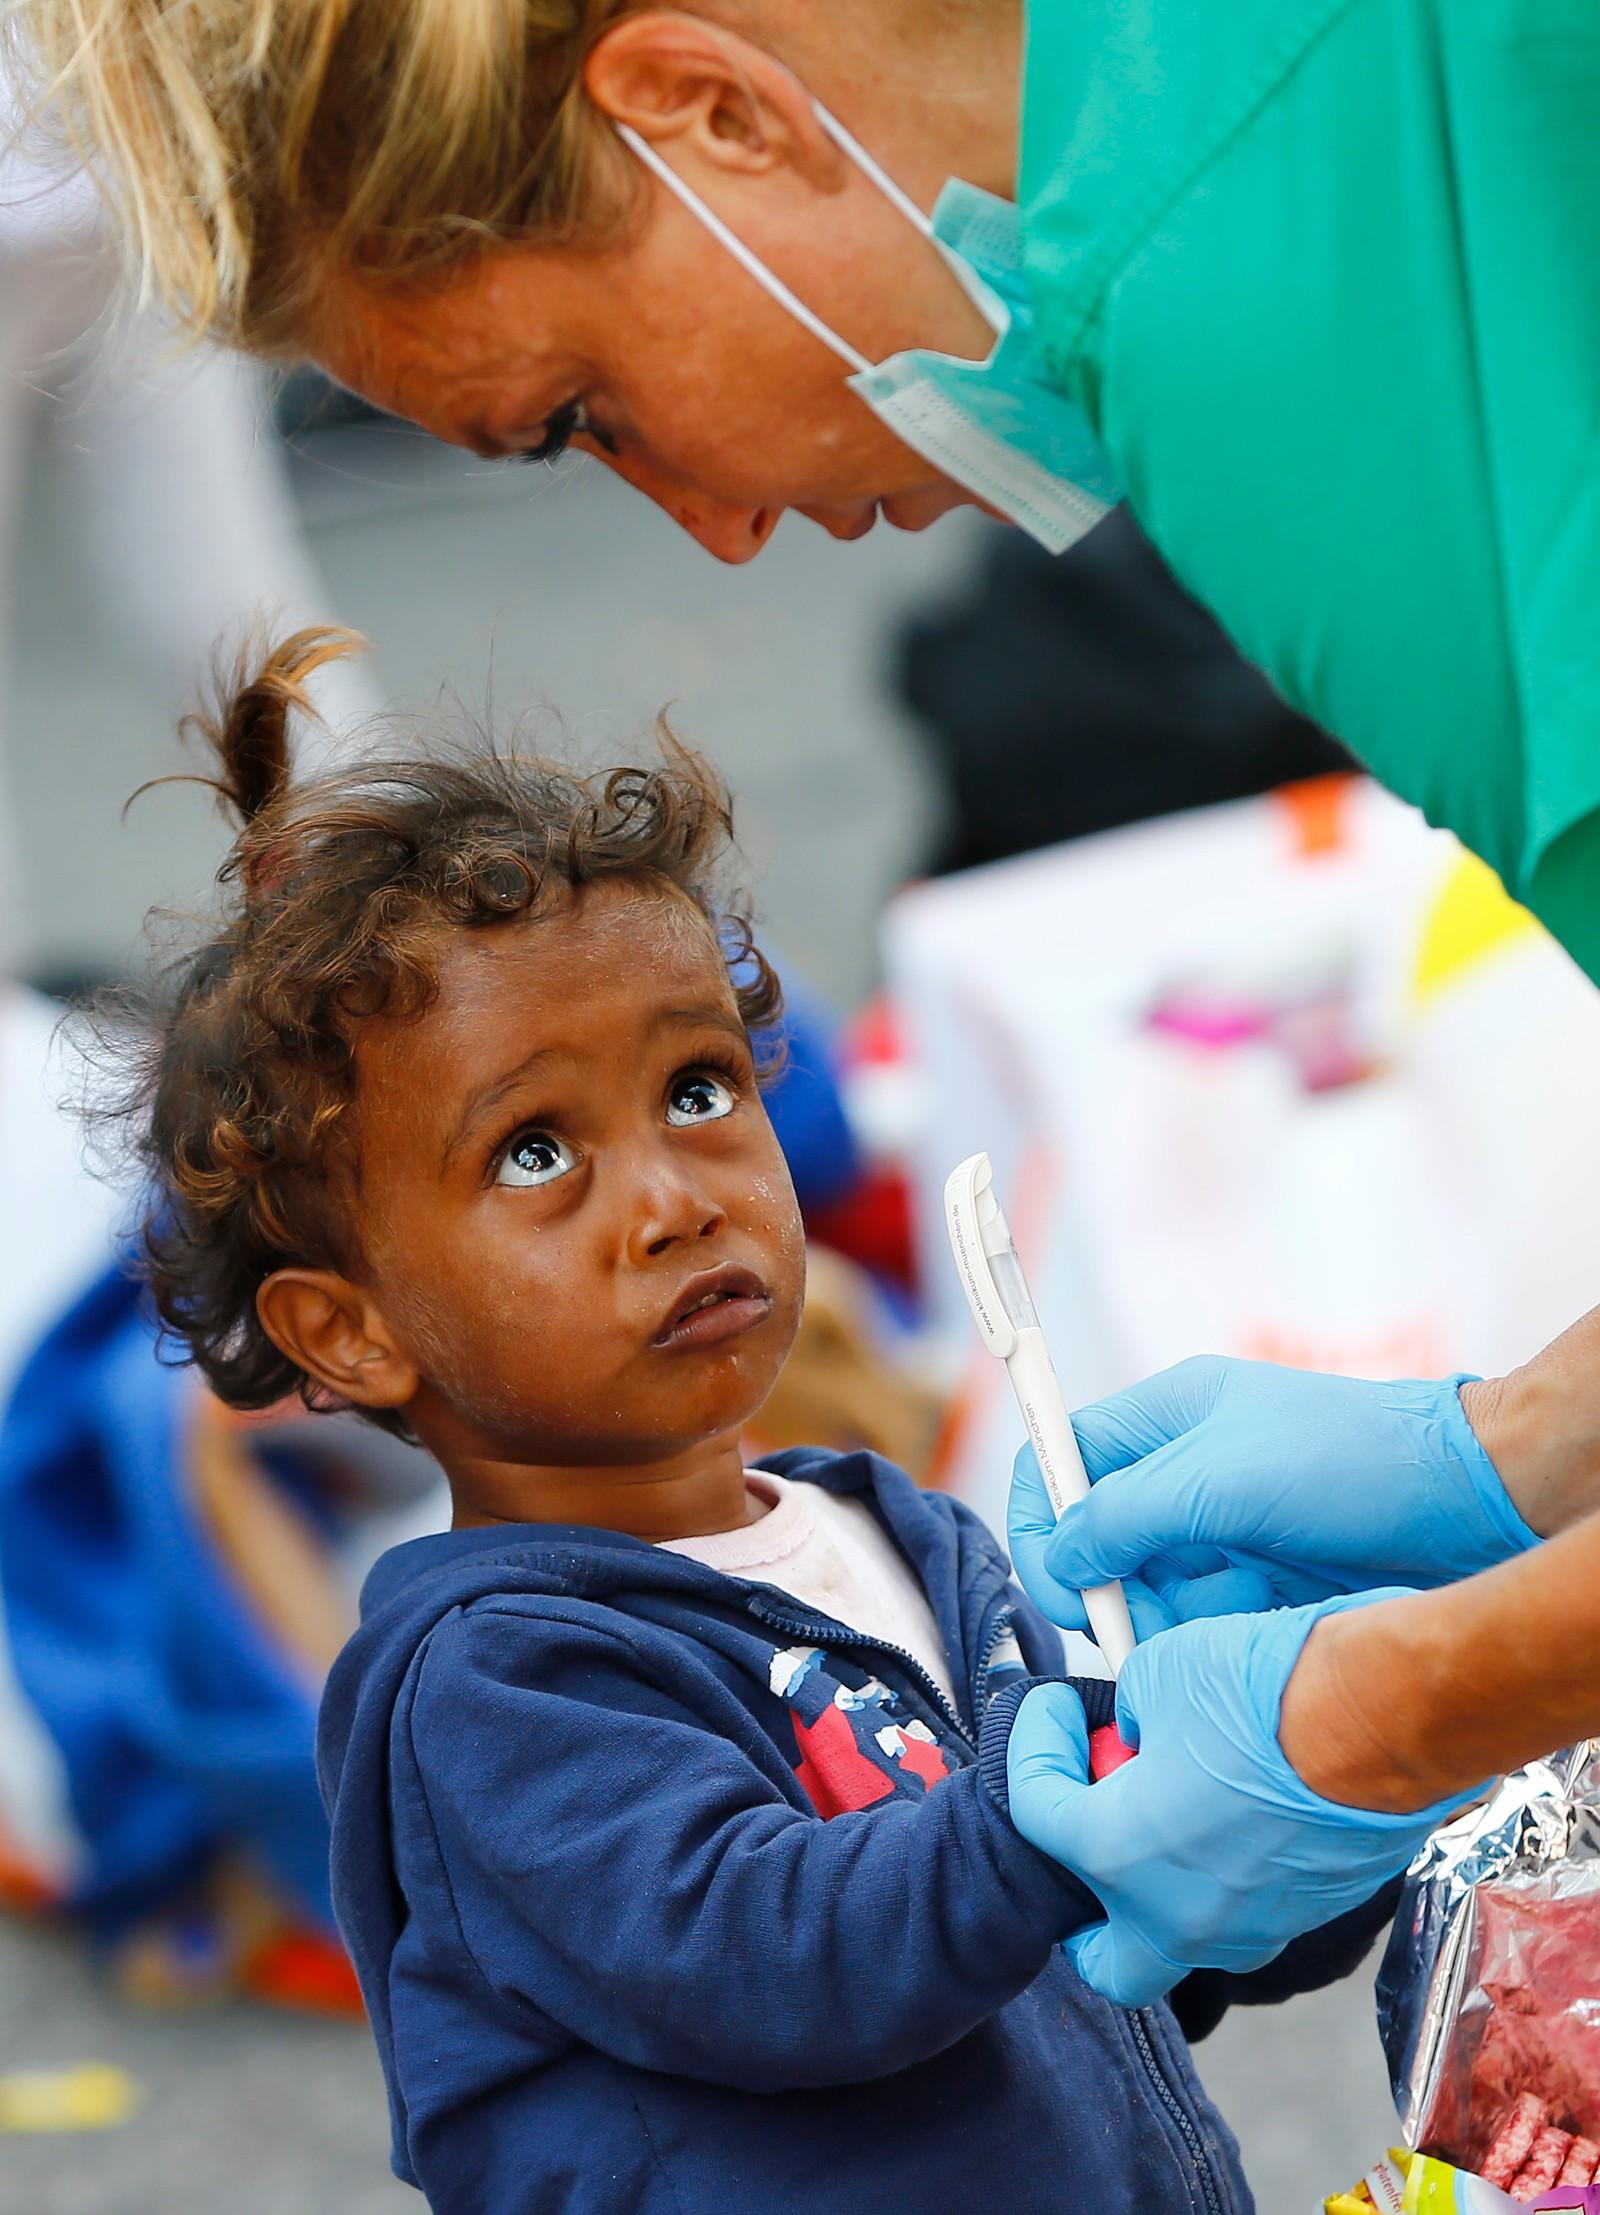 Etter det vi bare kan anta har vært en stabasiøs ferd, registreres et barn fra Irak ved ankomst på togstasjonen i Munchen. Flere hundre flyktninger ankommer den tyske byen daglig.